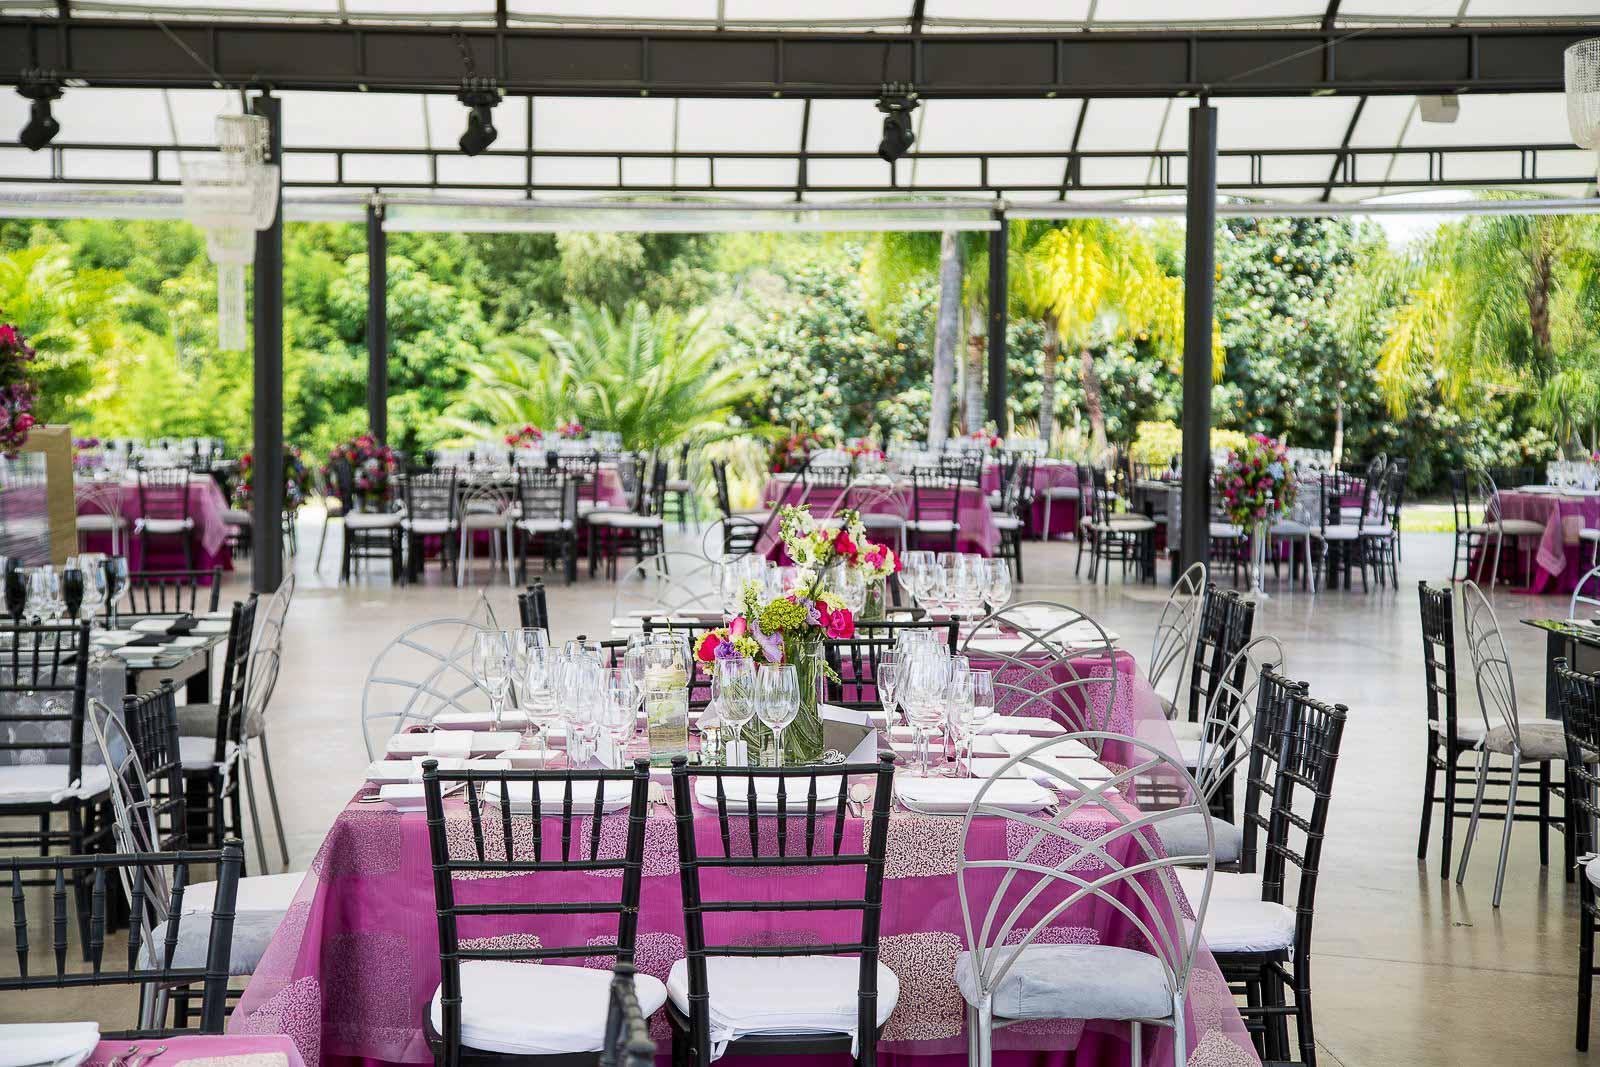 Ixaya banquetes hada martens for Atuendo para boda en jardin